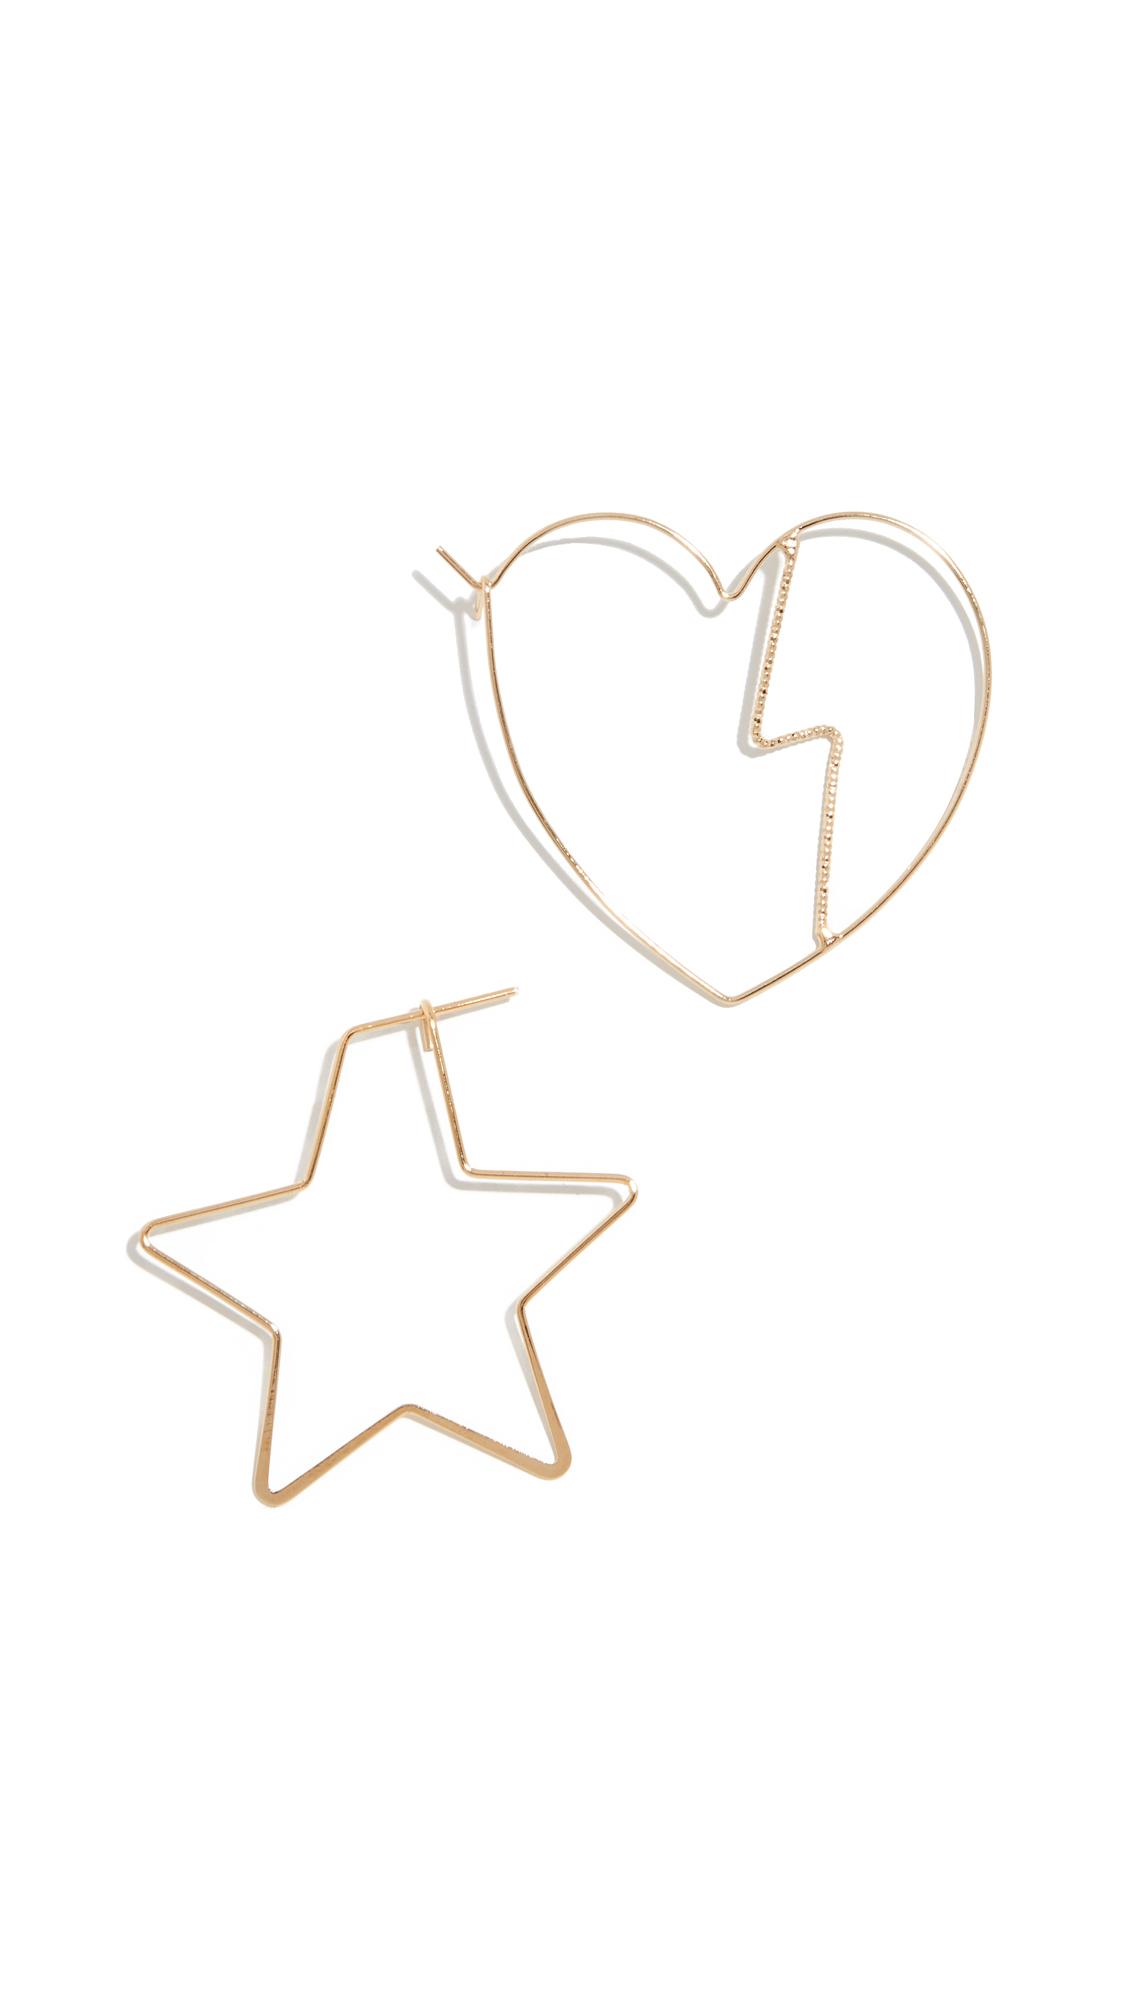 JULES SMITH Heartbreak Mismatched Earrings in Gold